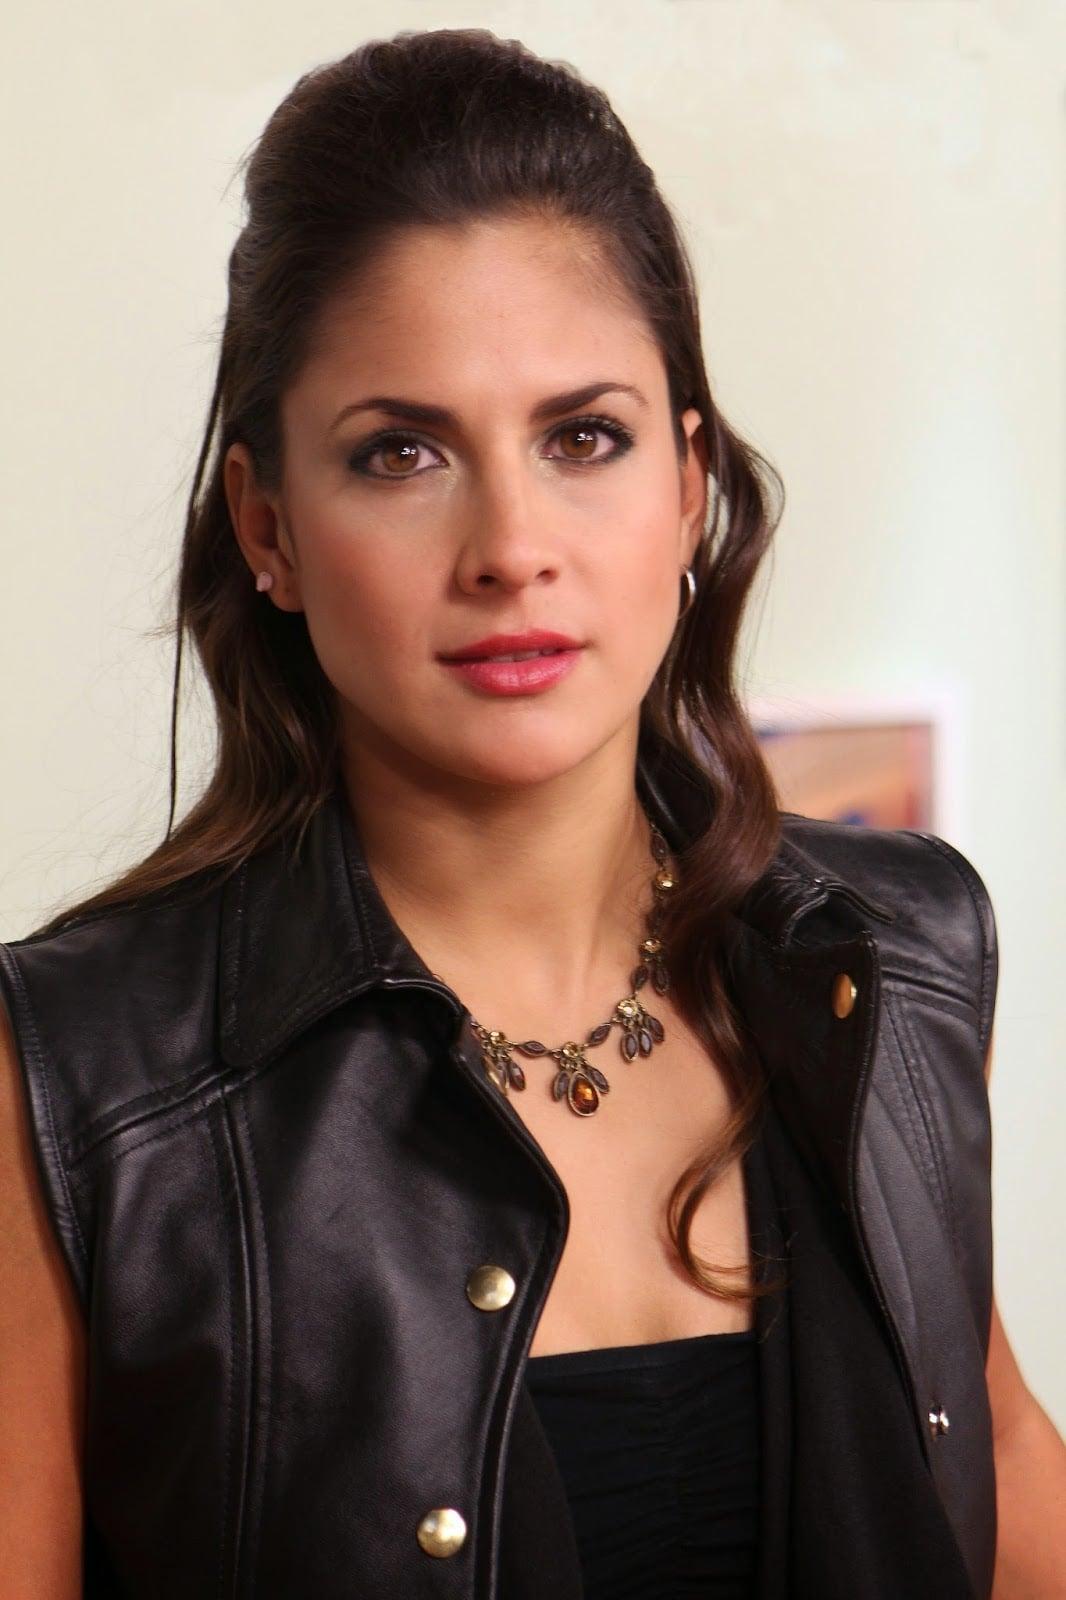 Adria Morales